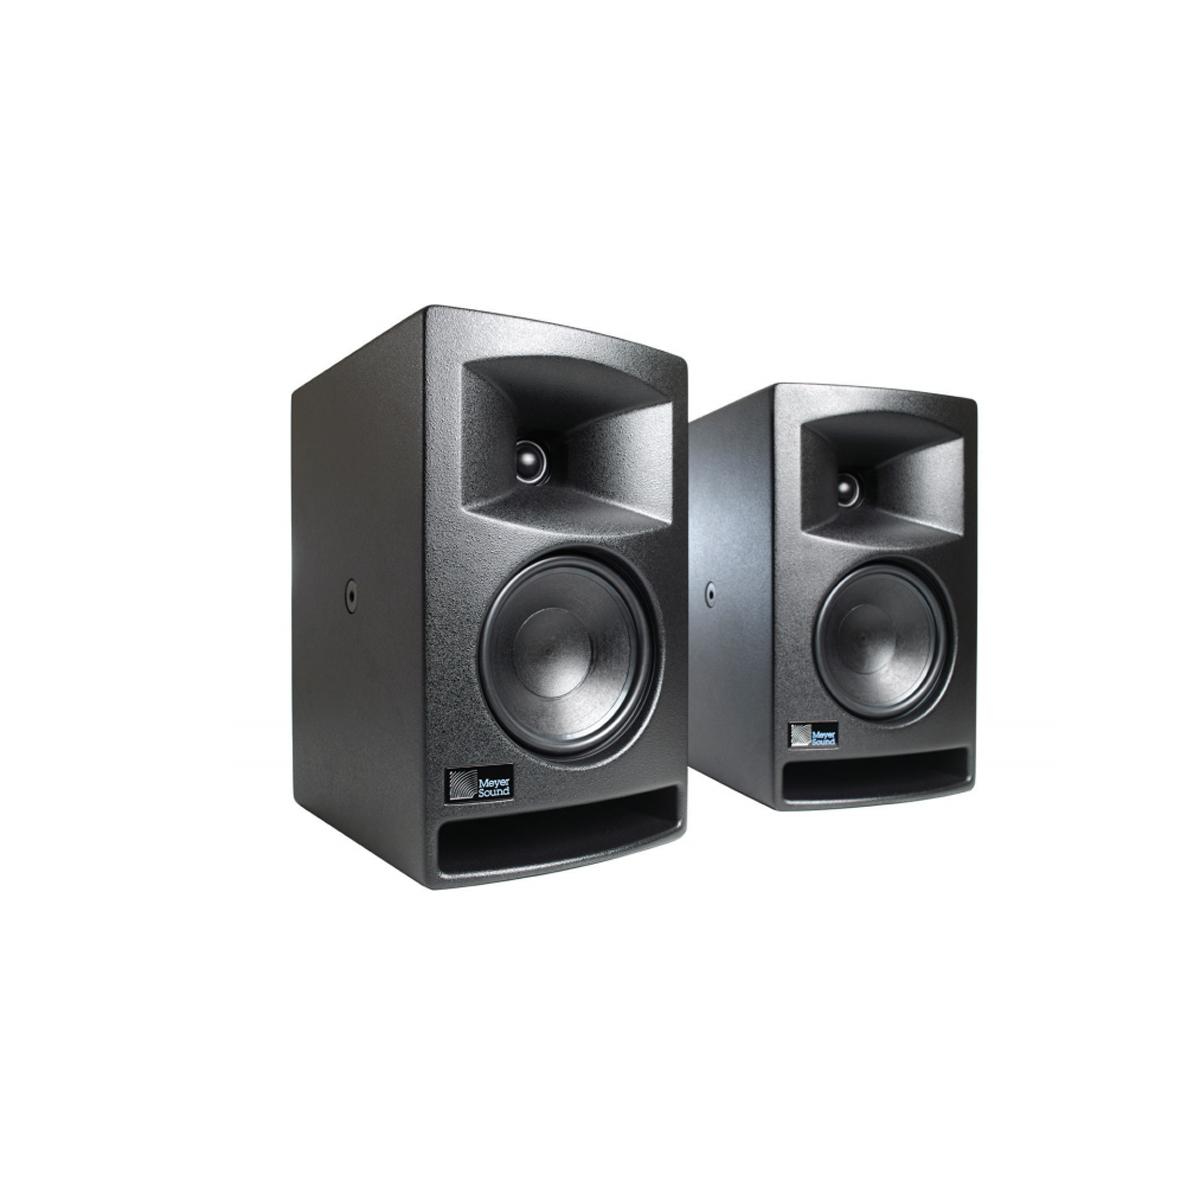 Studio Monitor Noise Problem : meyer sound amie precision studio monitor sonic circus ~ Hamham.info Haus und Dekorationen